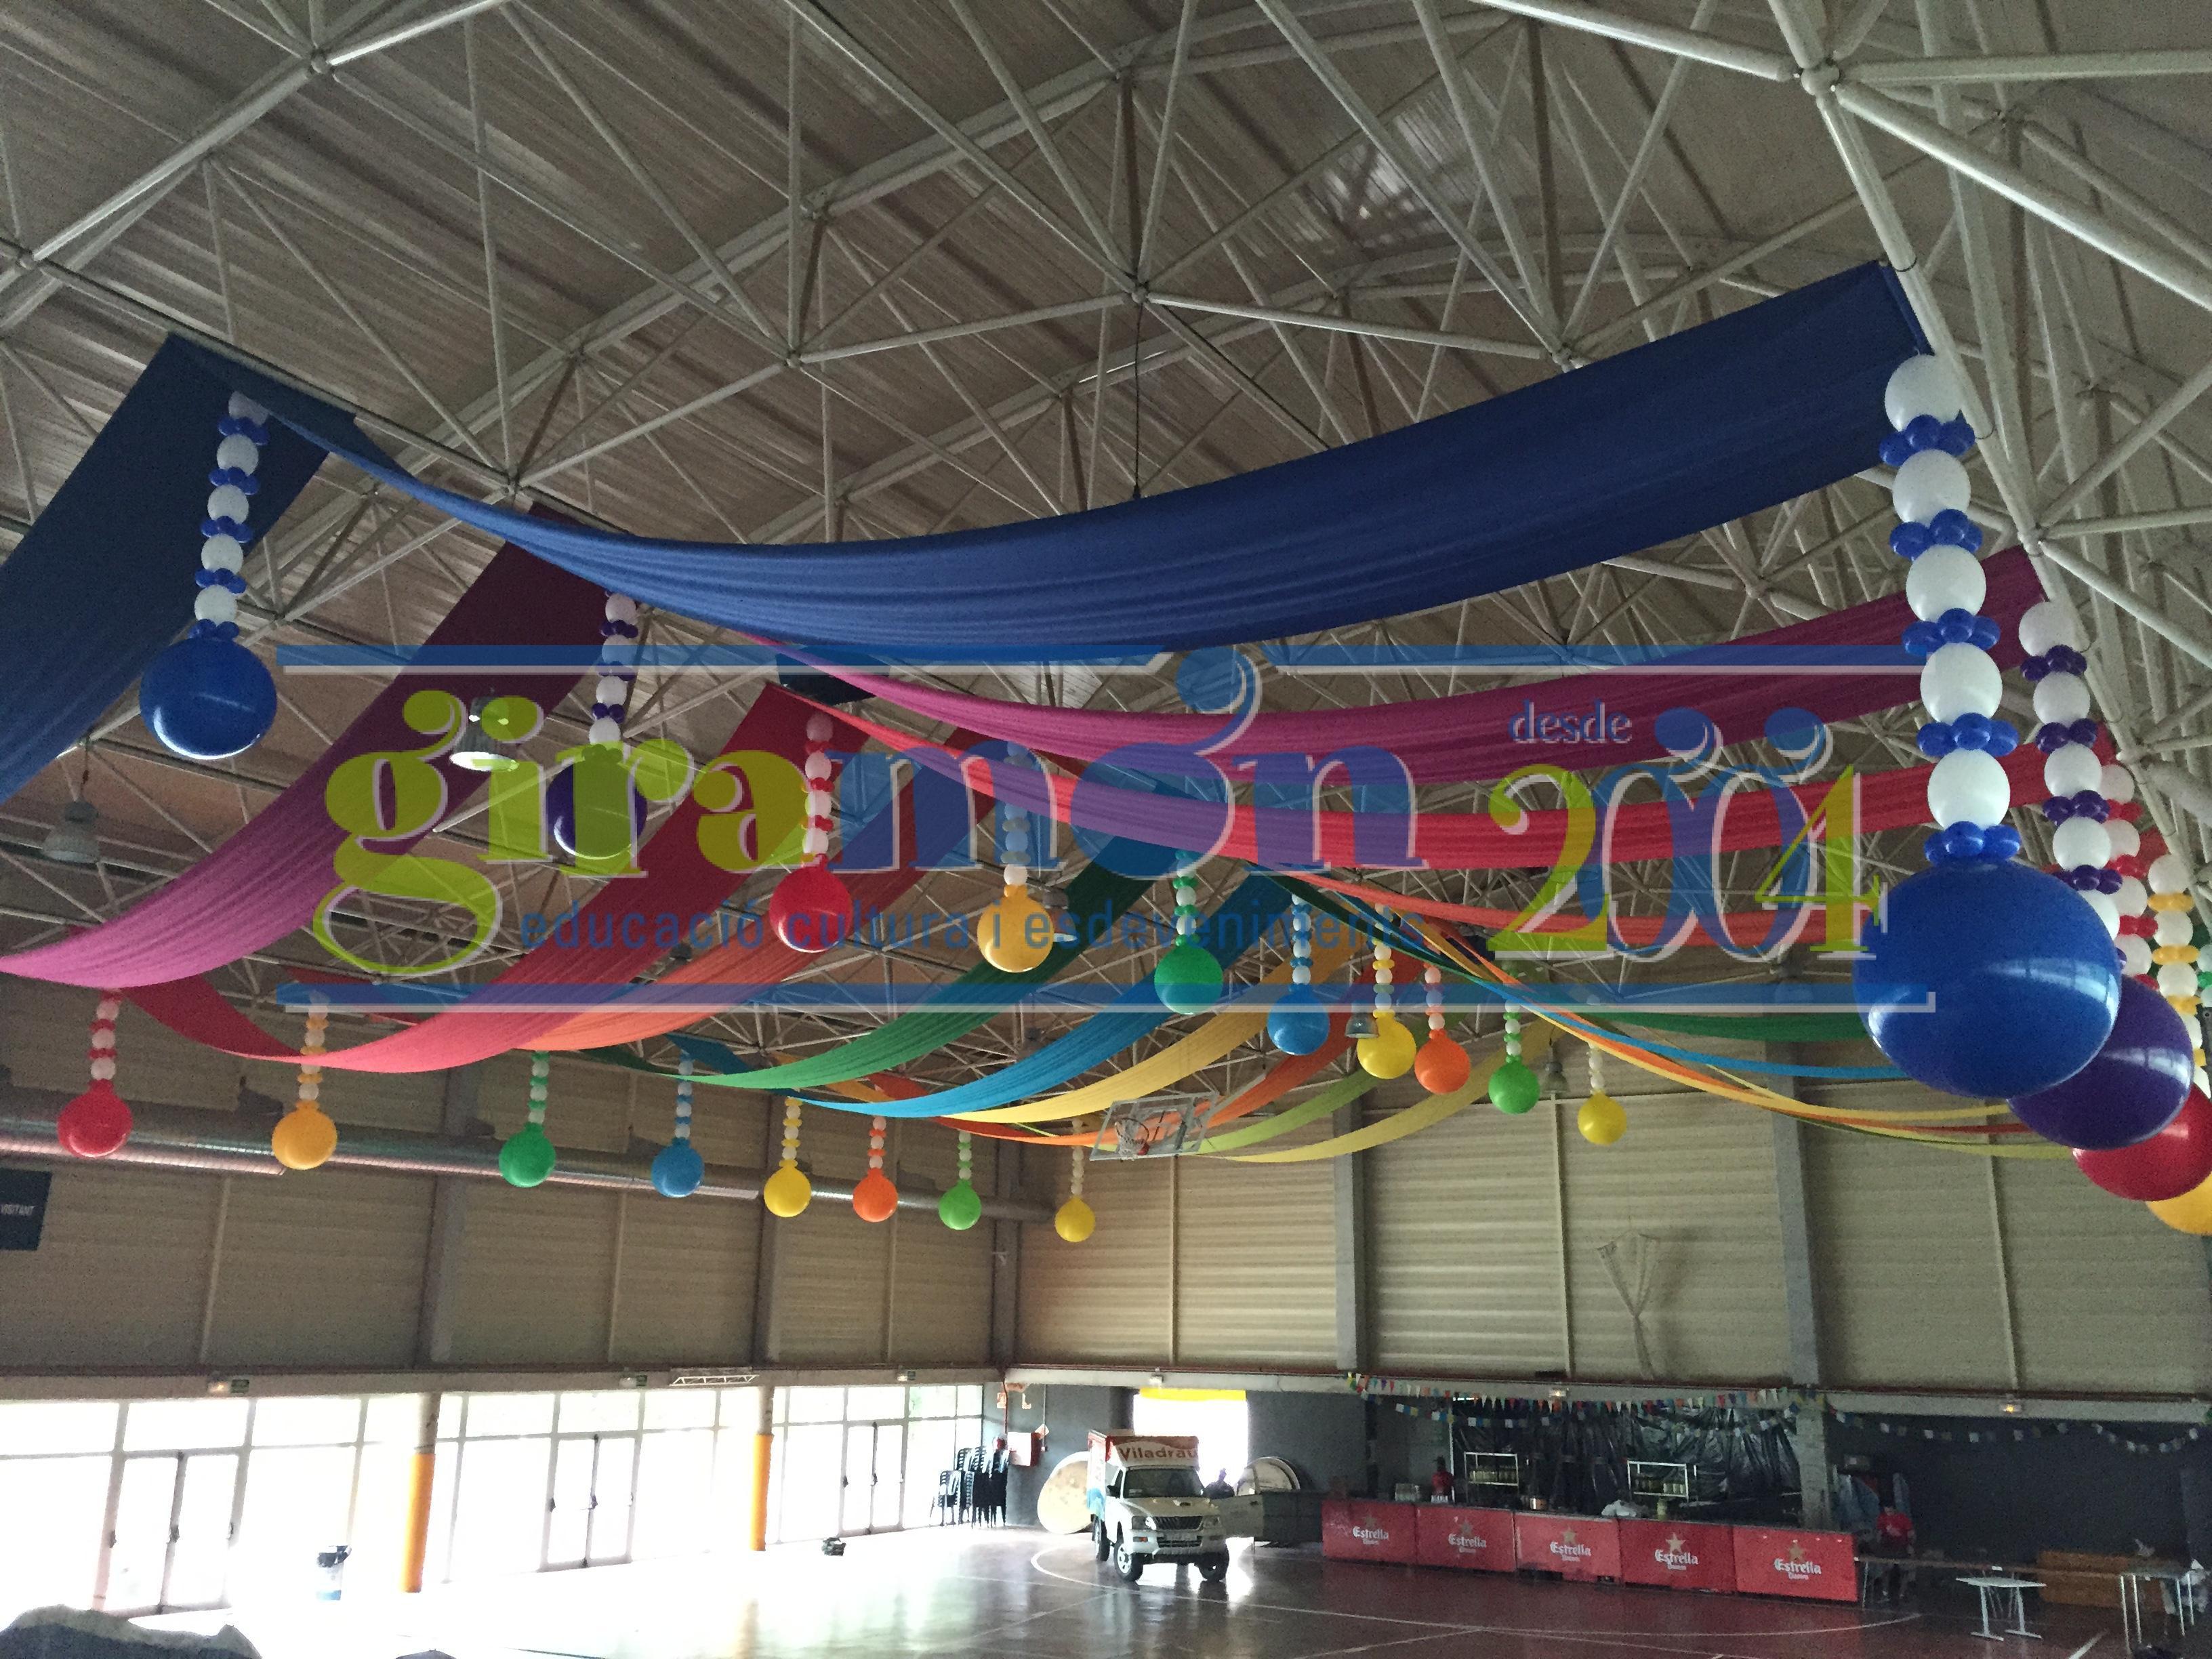 Decoraci n de pavellones con globos y telas giram n for Decoracion con telas